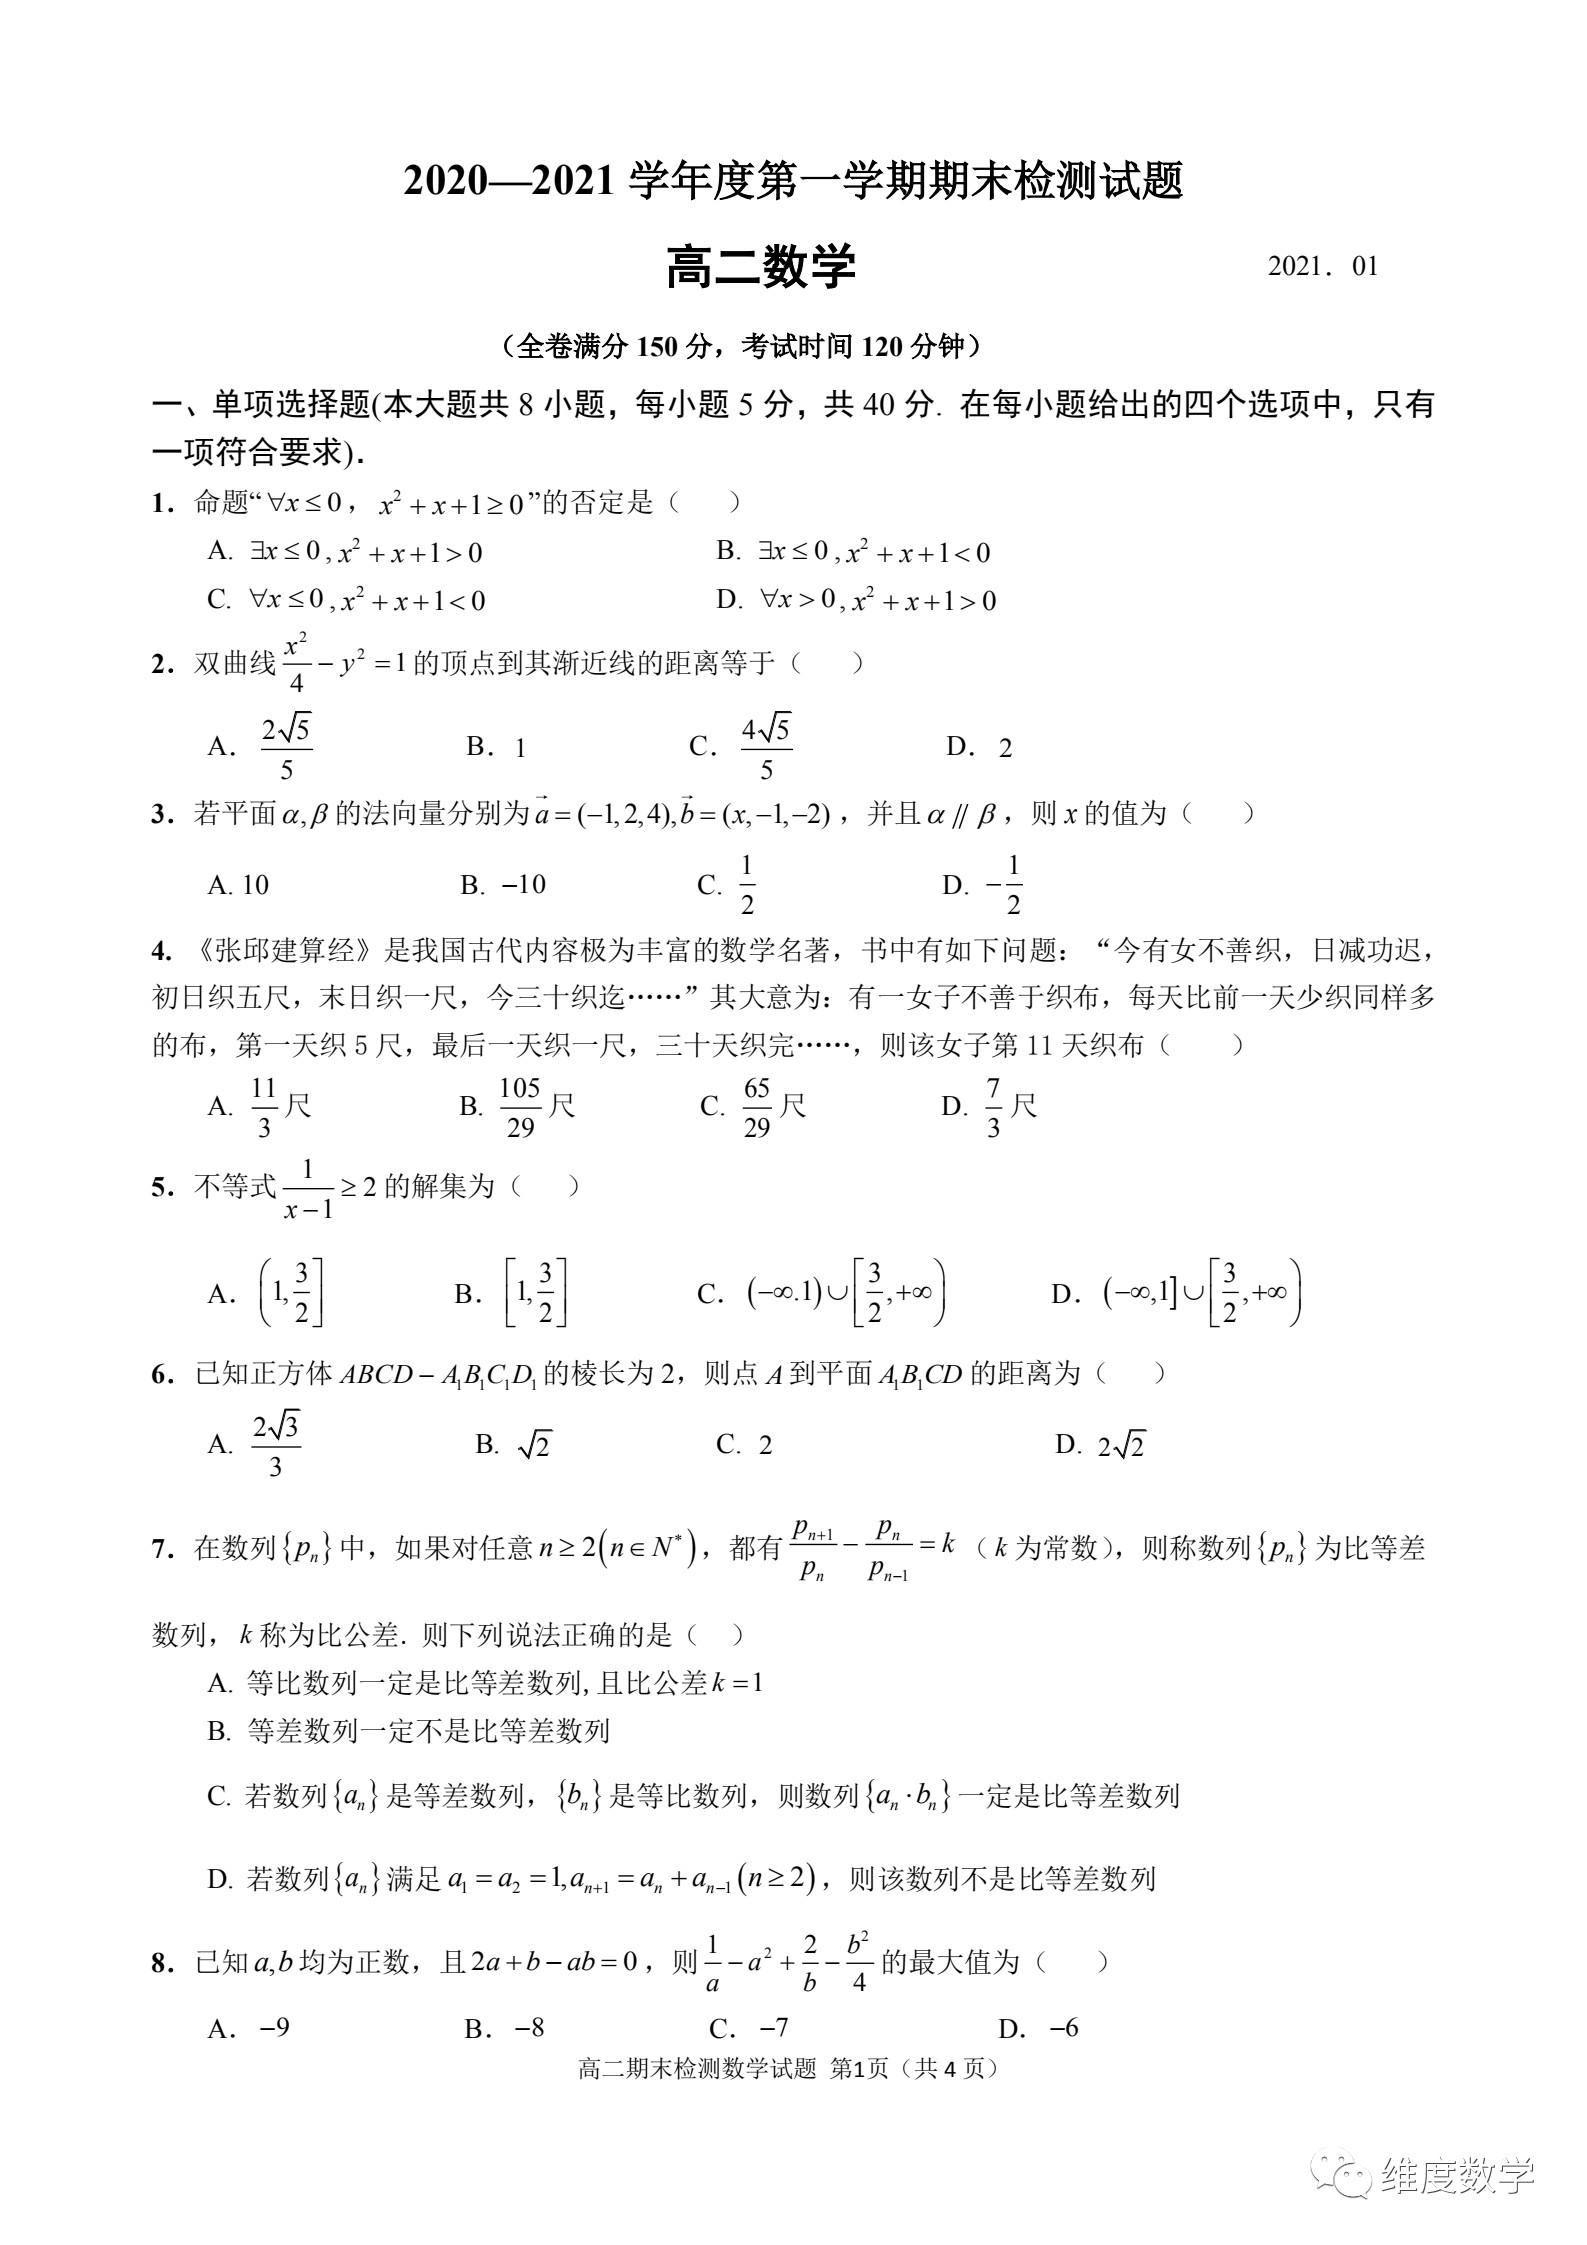 江苏省扬州市2020-2021学年度第一学期高二期末检测数学试题图1